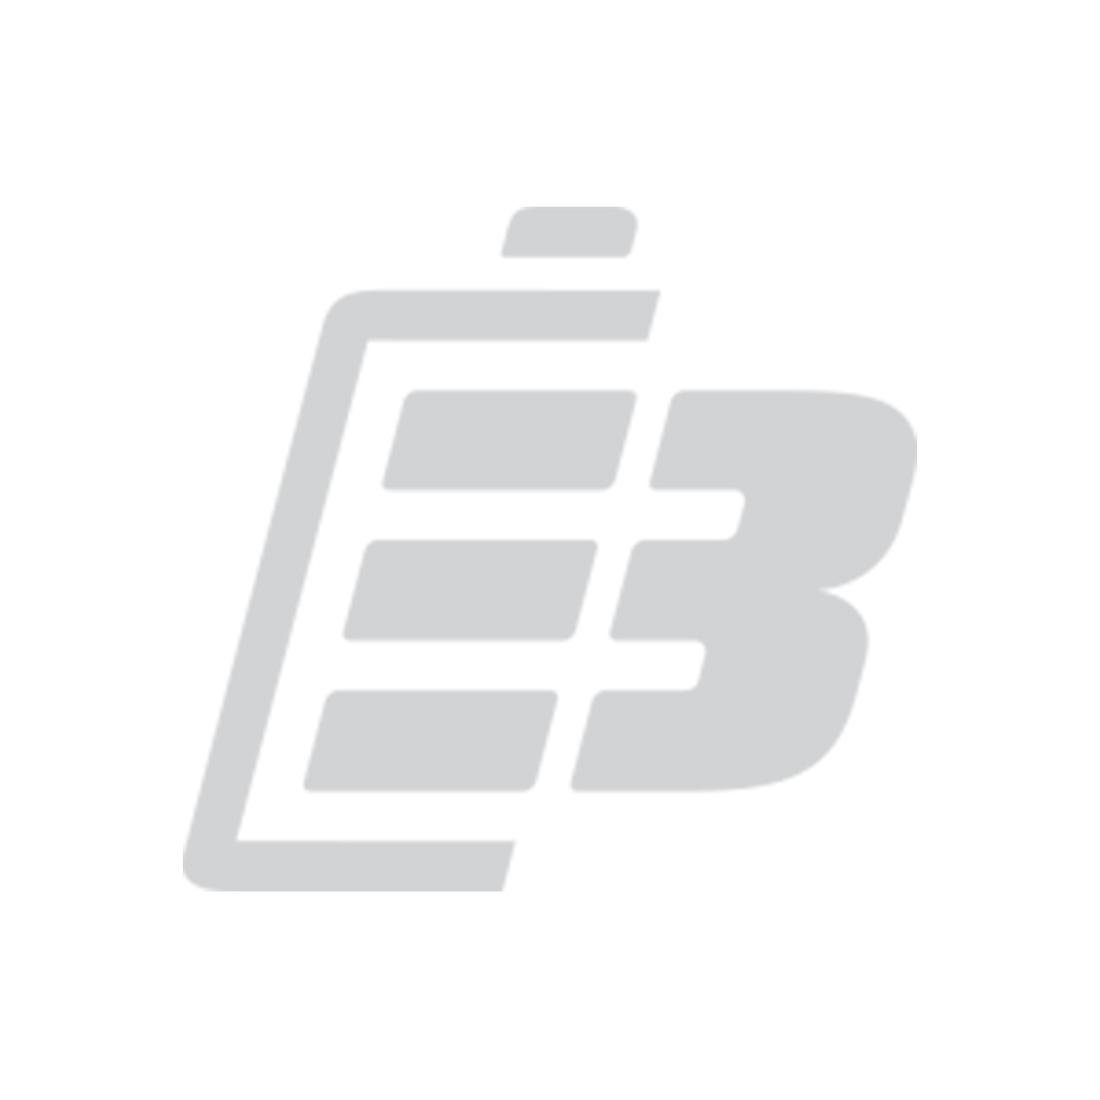 Μπαταρία barcode scanner Unitech HT630_1